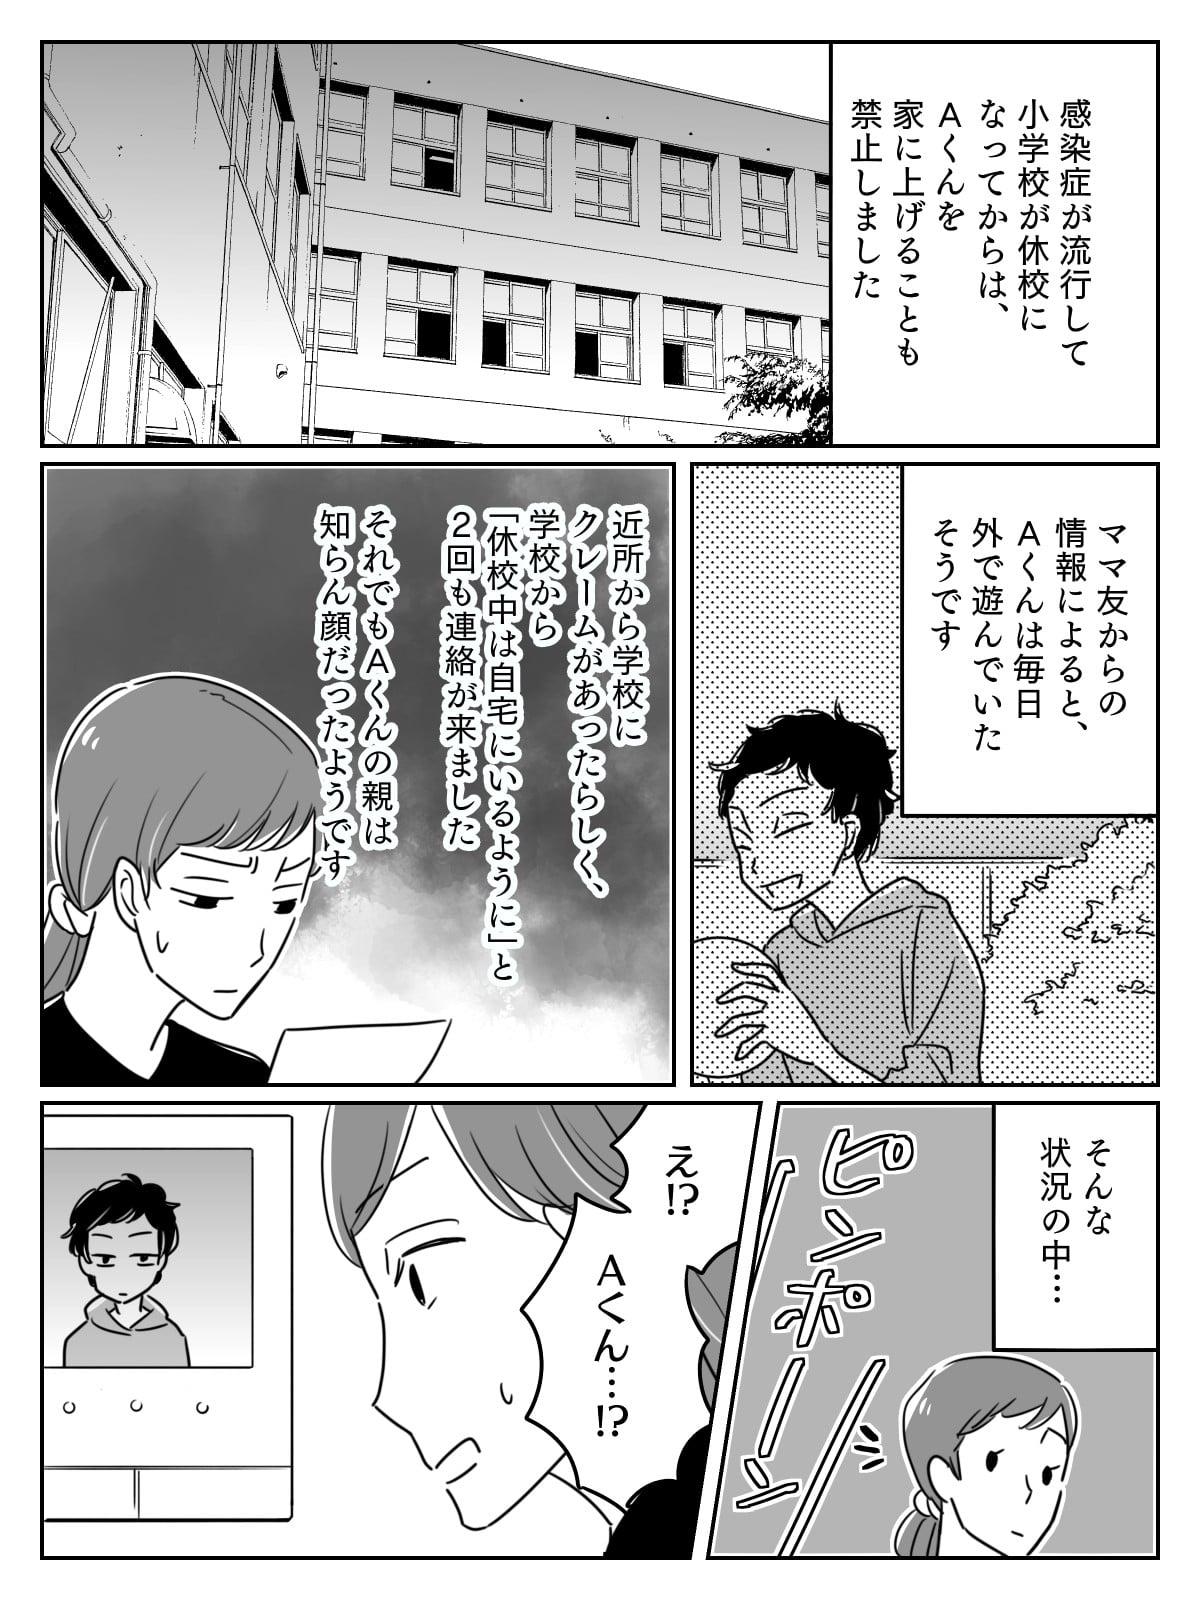 """【前編】態度が悪い""""放置子""""!03"""